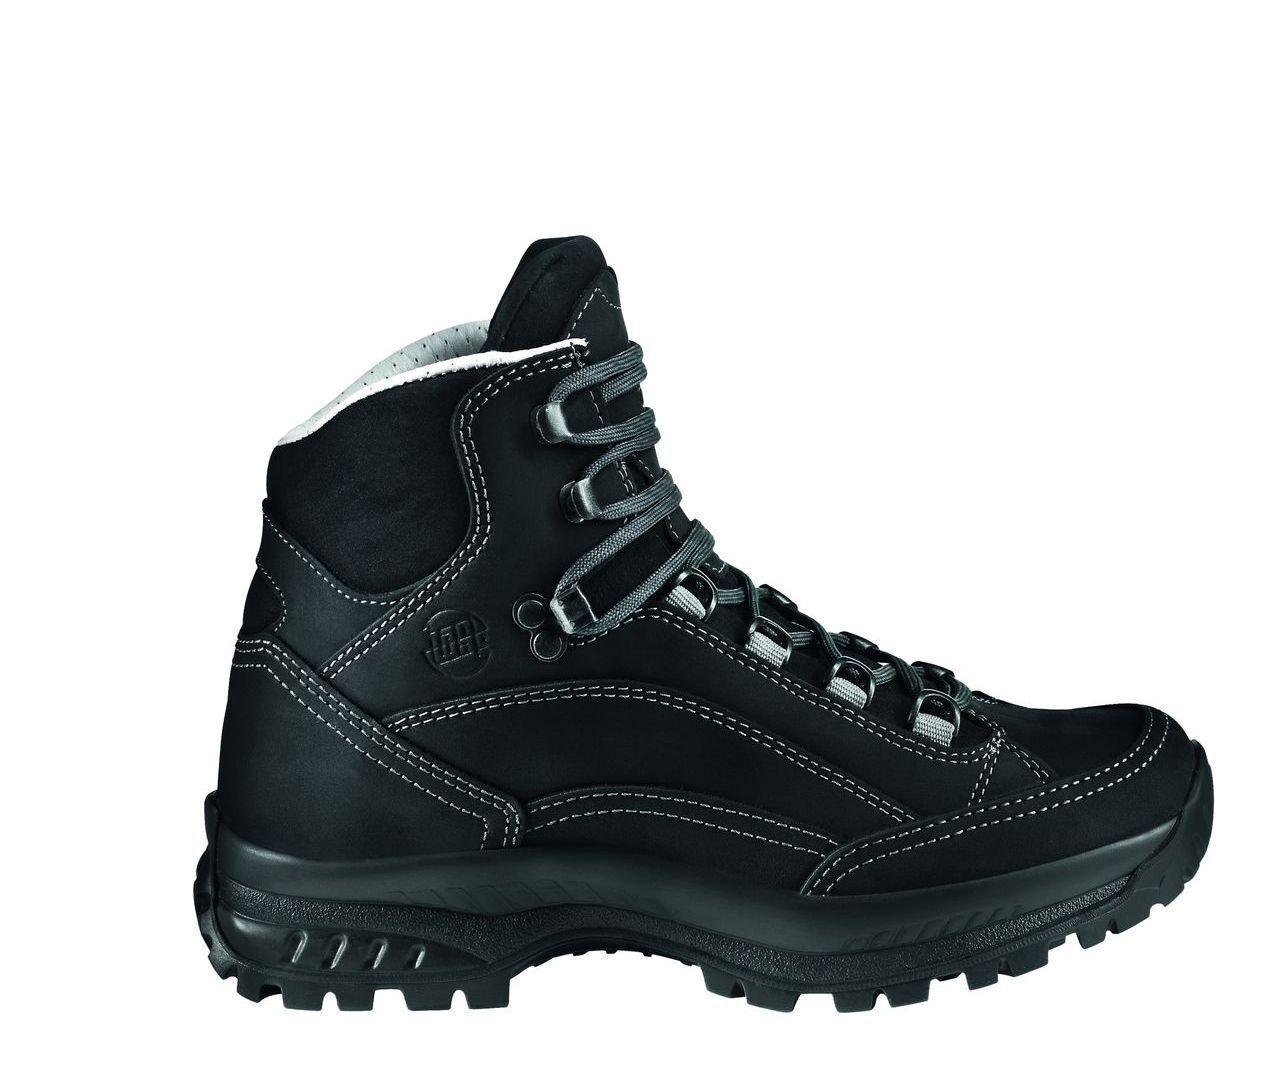 Hanwag Bergschuhe Canyon Men Men Men Leder Größe 11,5 - 46,5 schwarz b3847a